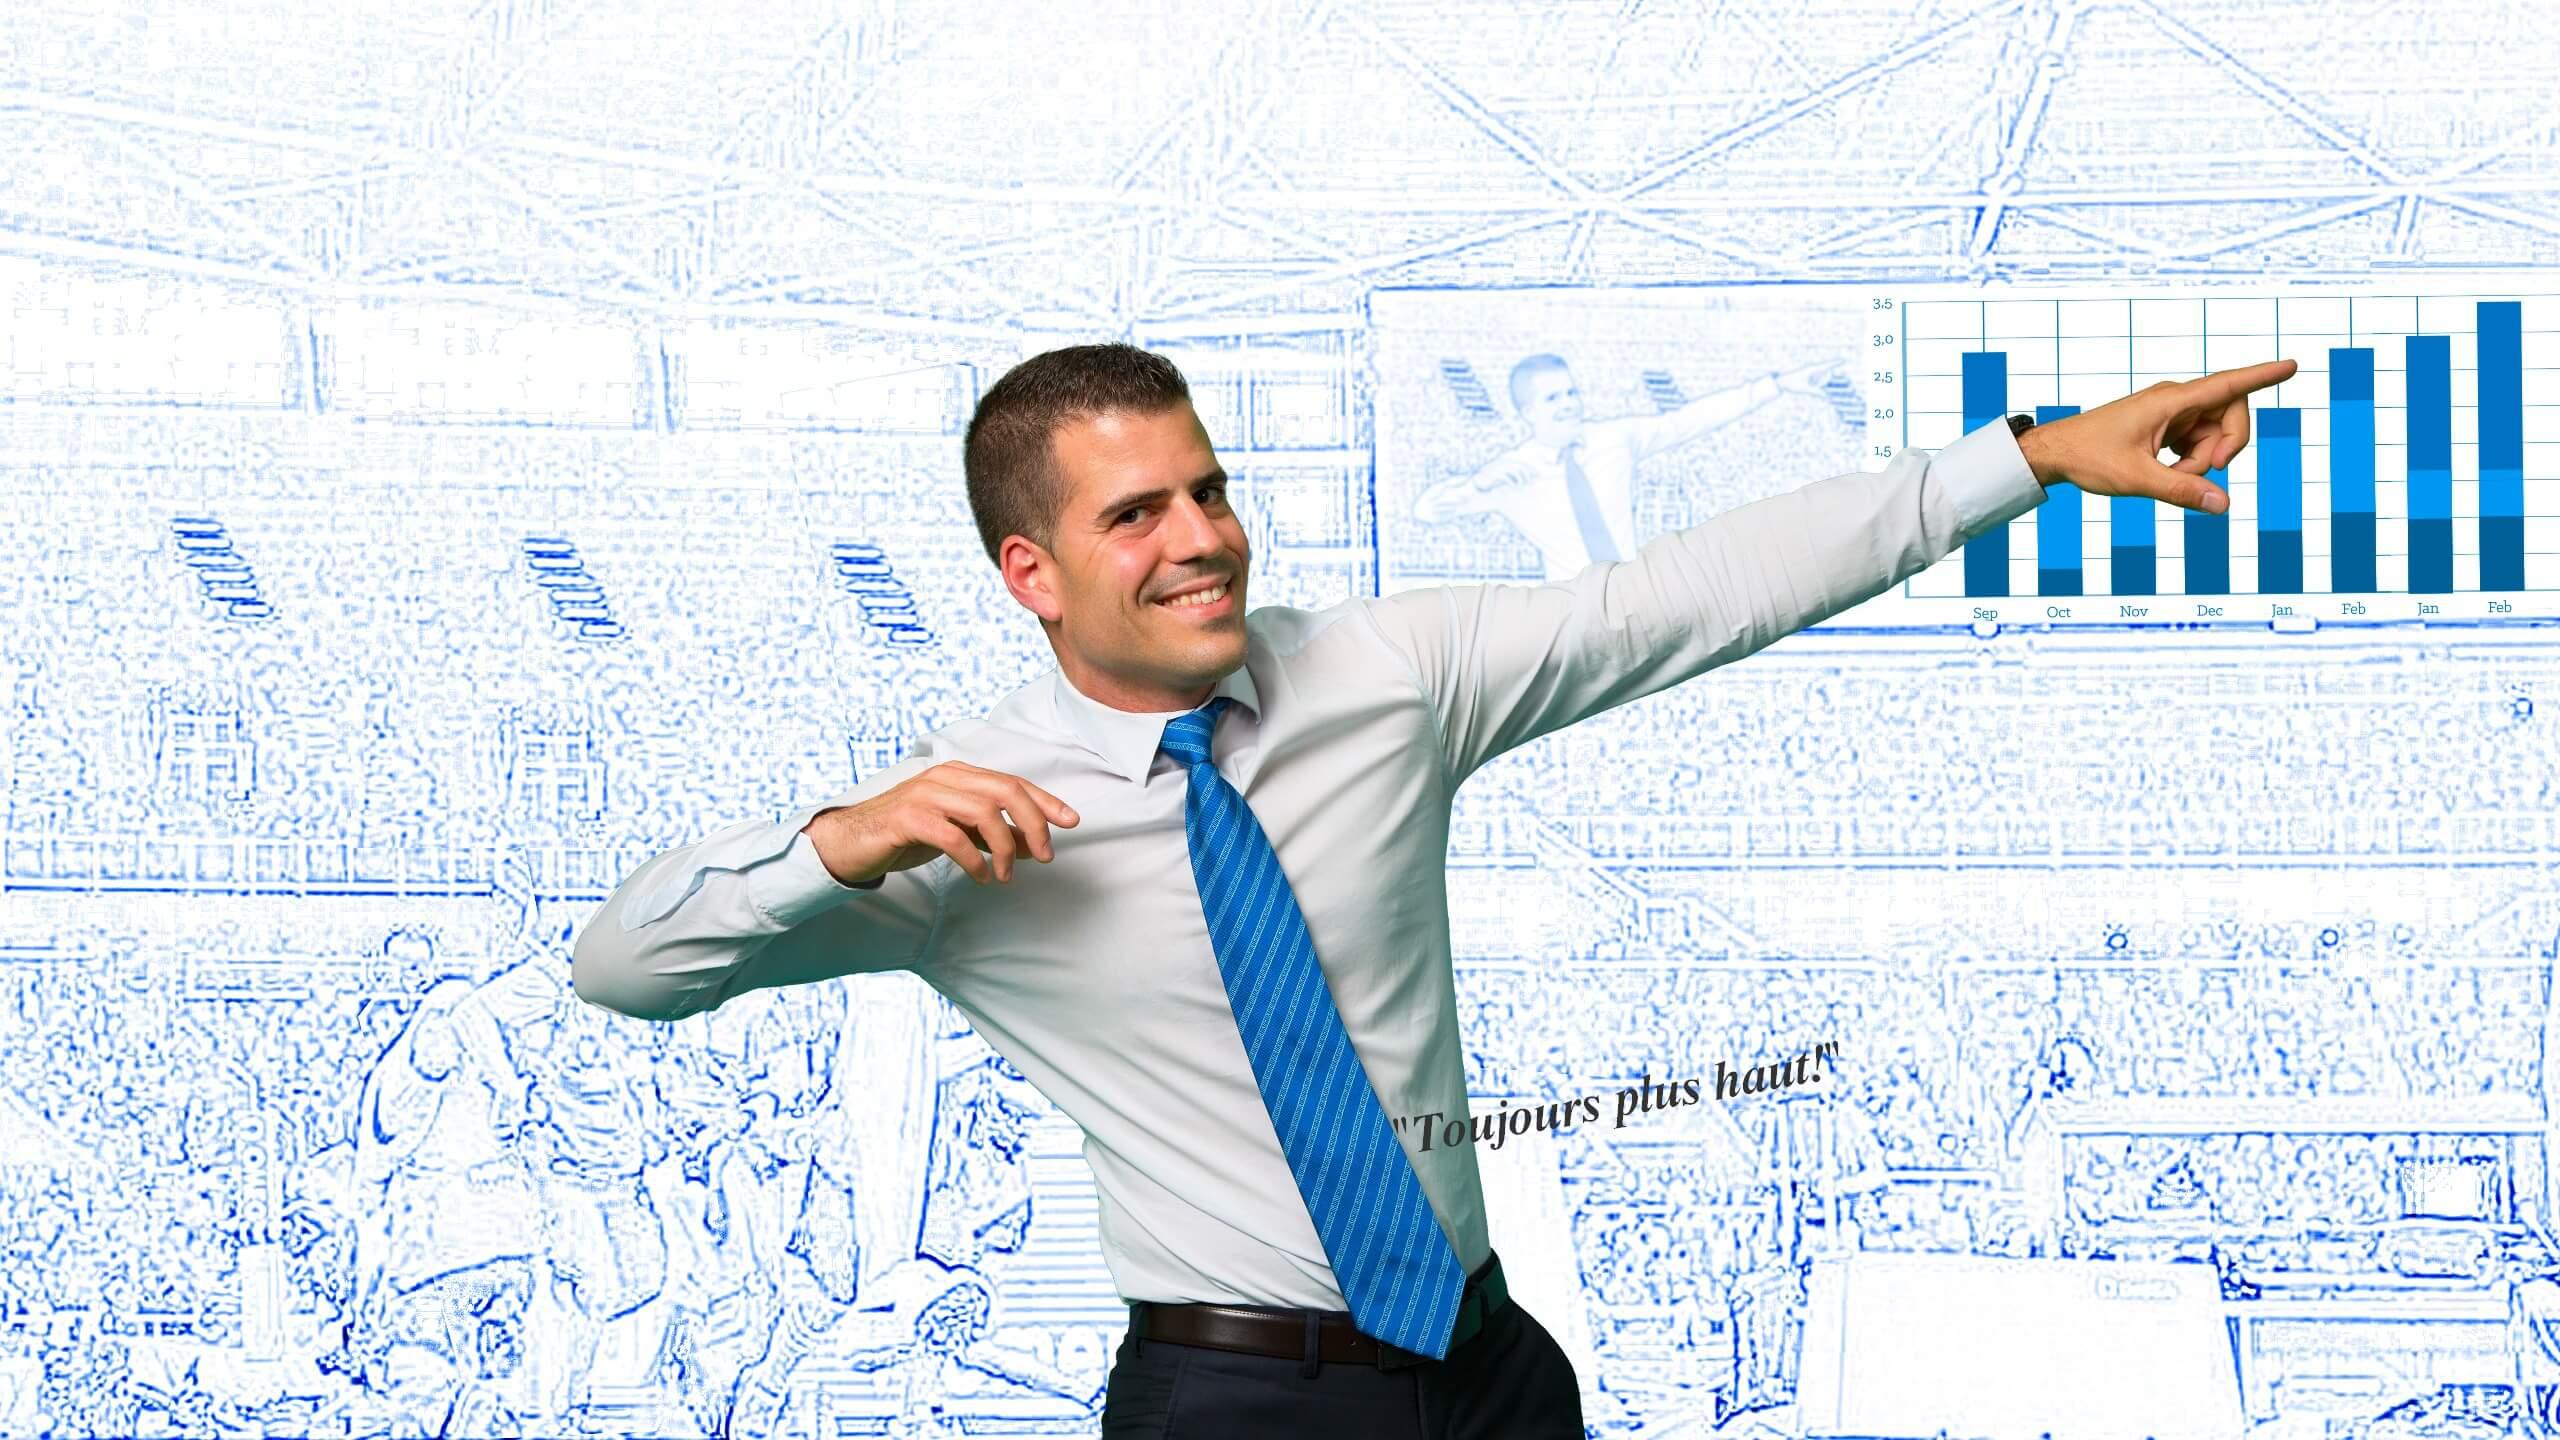 Ingnéieur gestion de projet faisant le signe de la victoire et montrant l'augmentation du CA